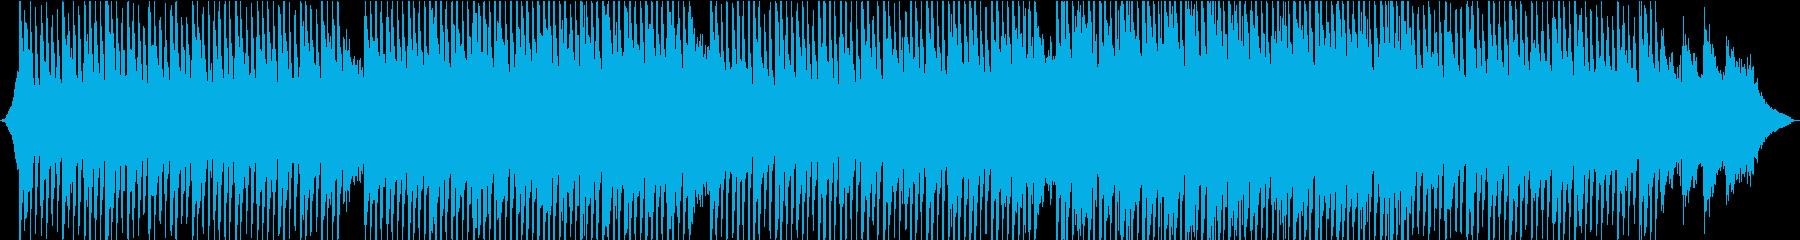 向上心・前向き!【ゆったりコーポレート】の再生済みの波形